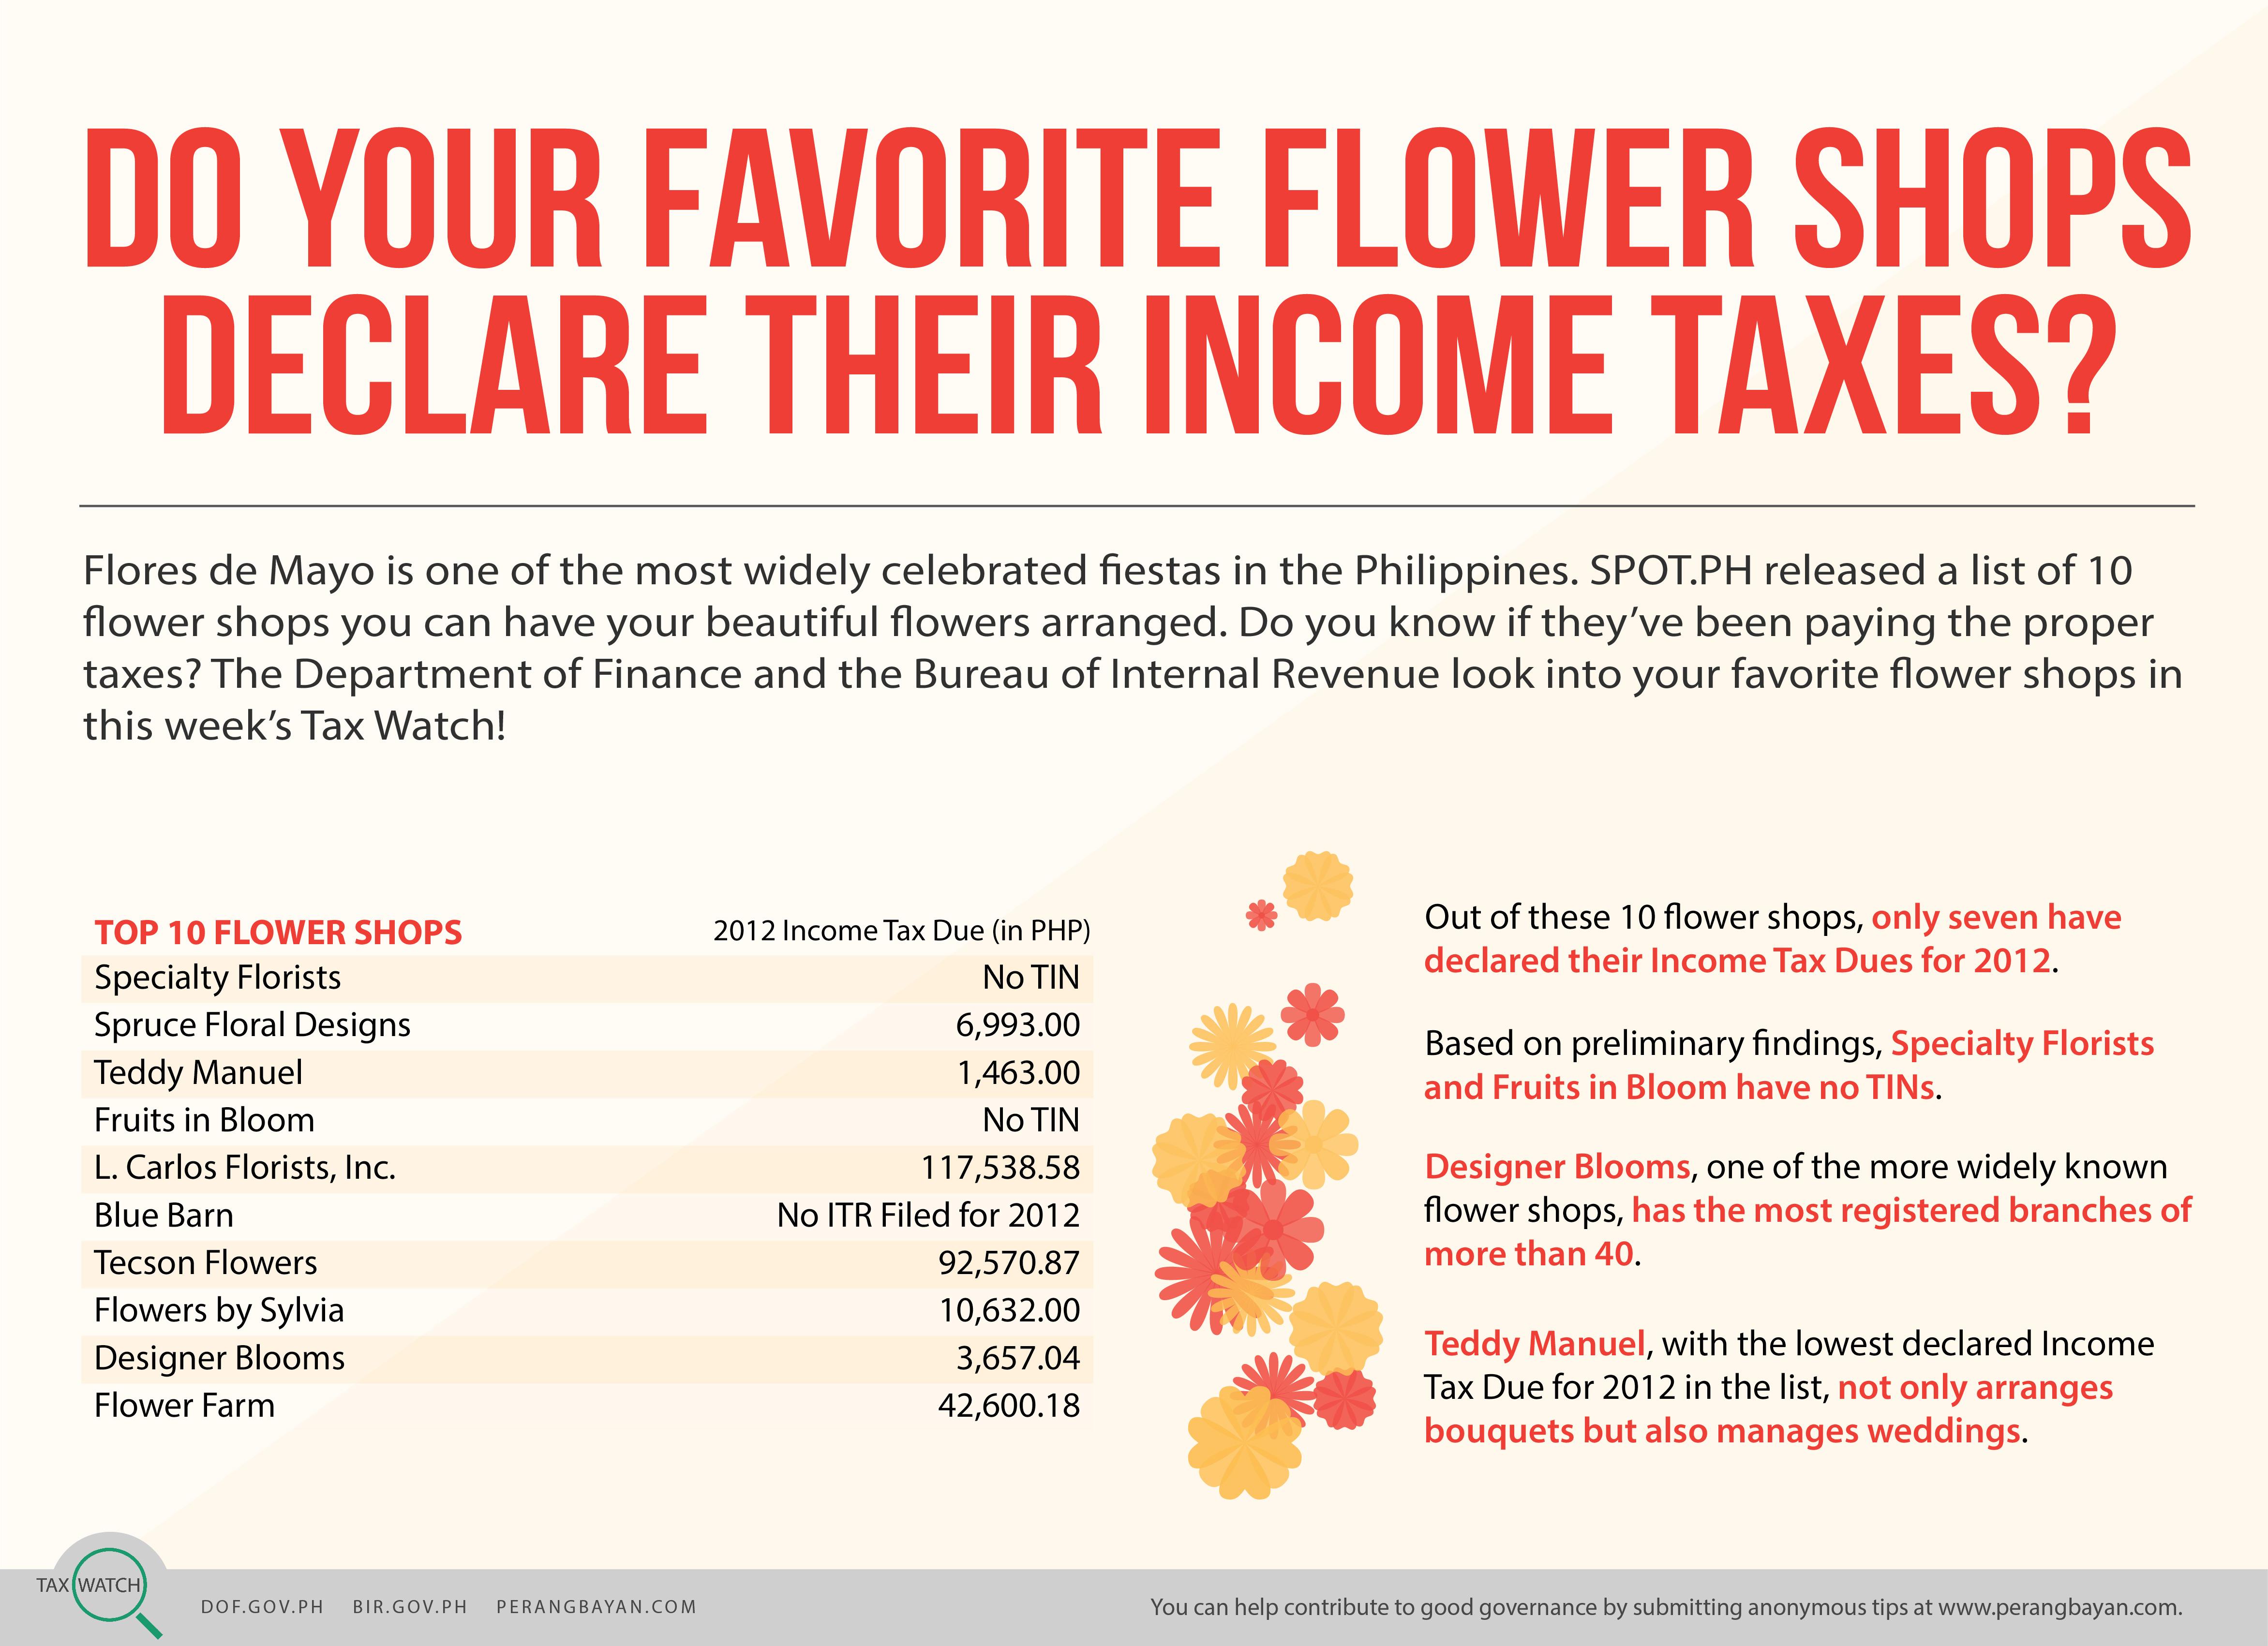 Tax Watch 36 Flower Shops (web)_042414-01